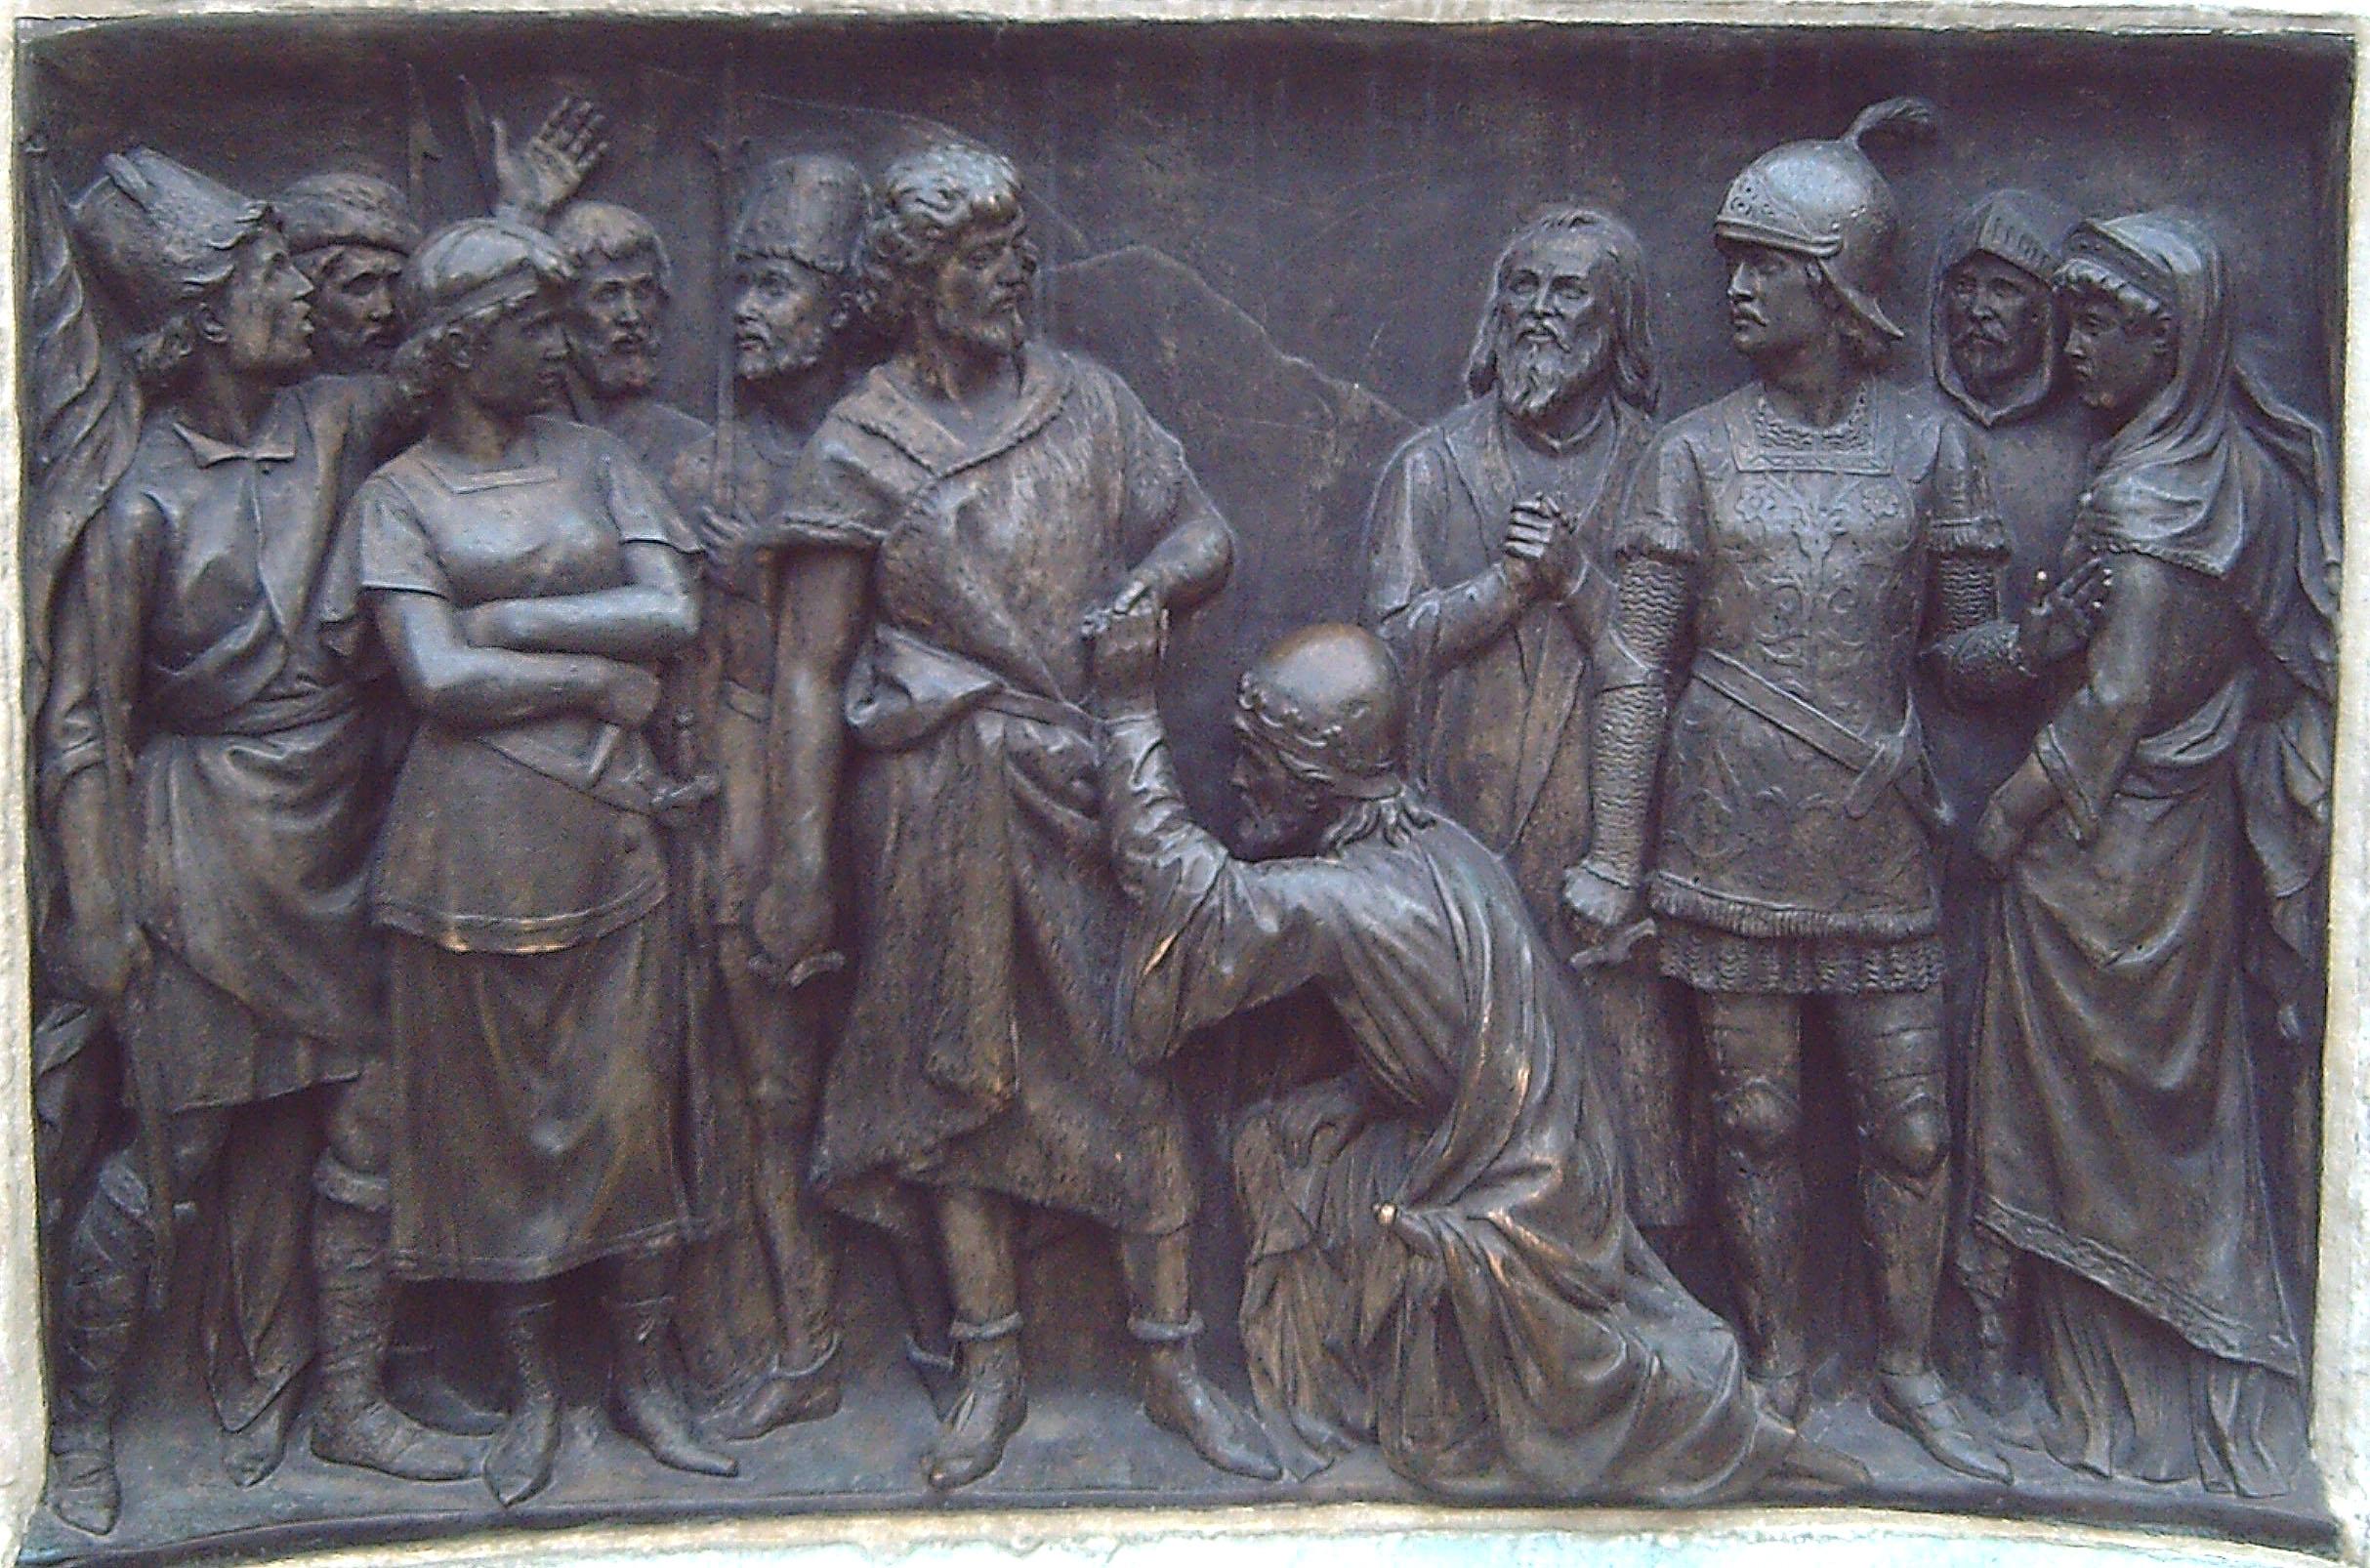 La vida es sueño. Detalle del monumento a Calderón de Madrid (Joan Figueras Vila, 1878).